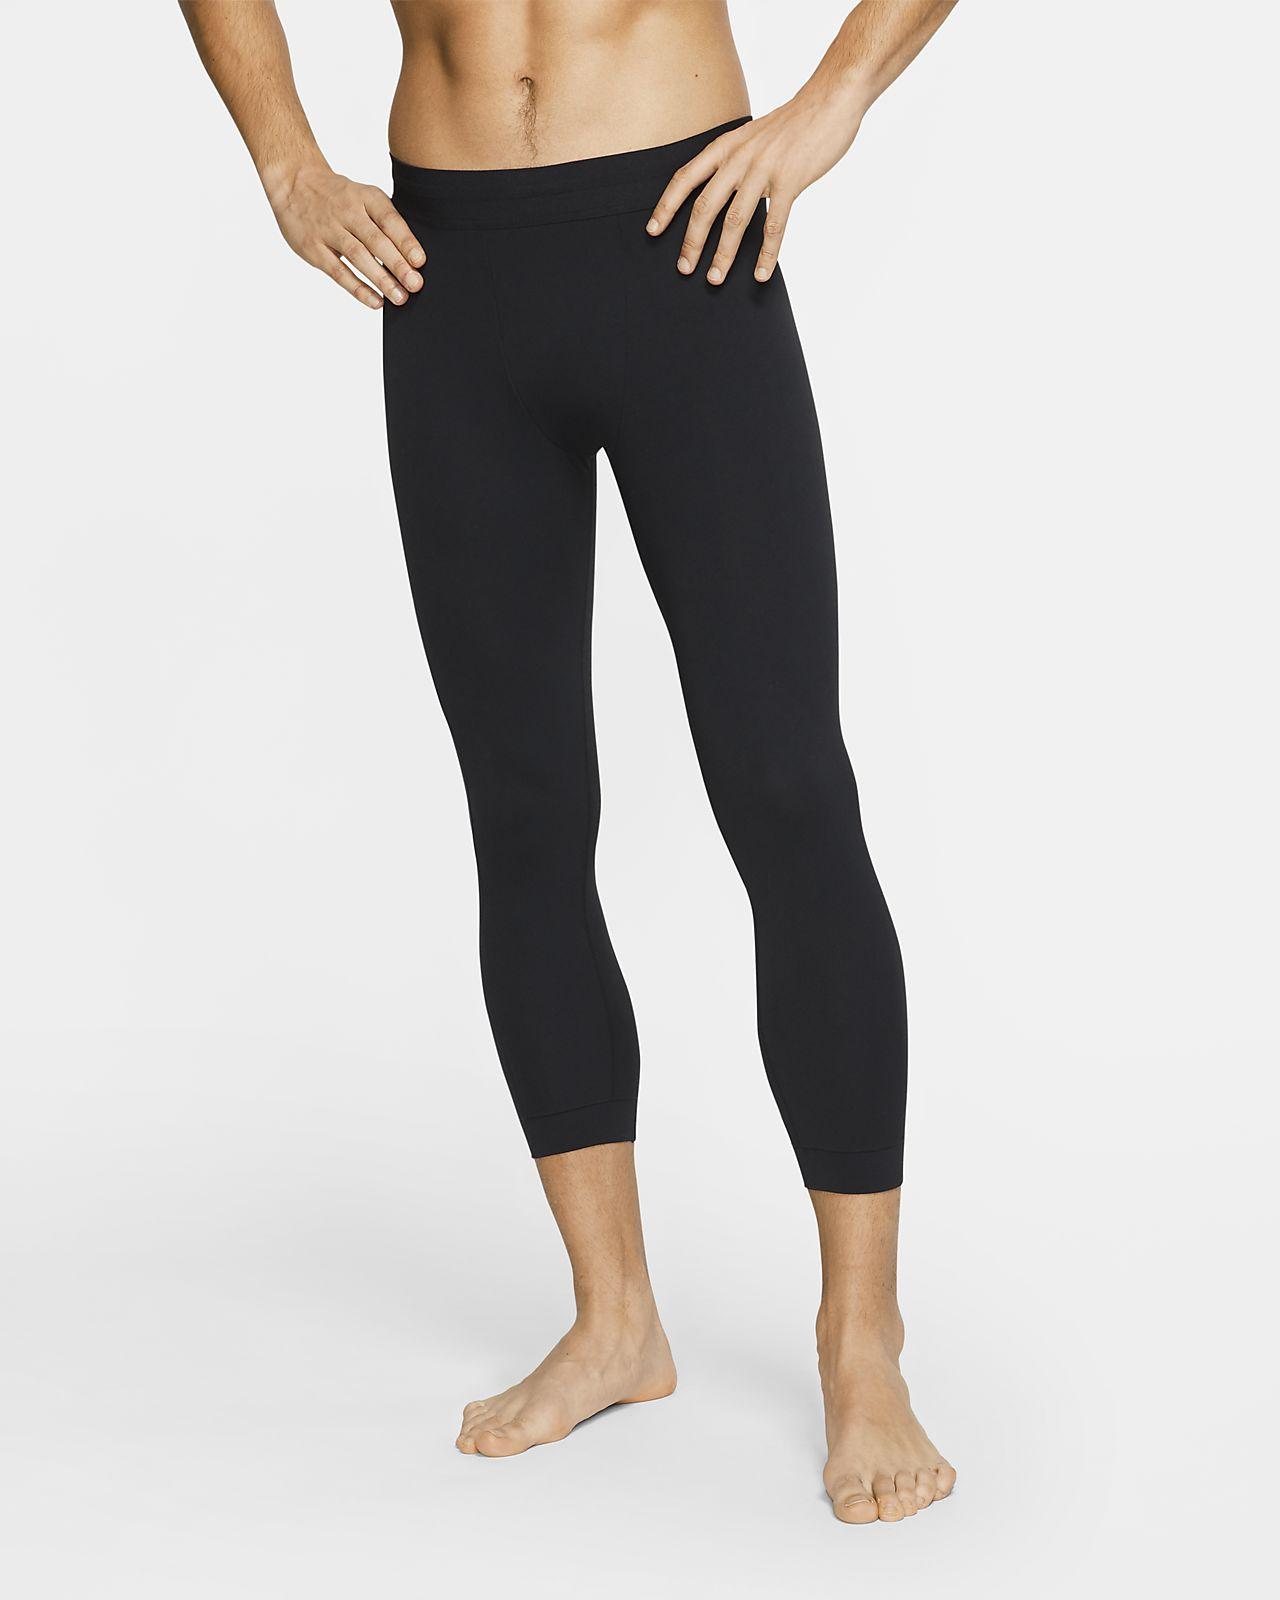 Tights i trekvartslängd Nike Yoga Dri-FIT Infinalon för män